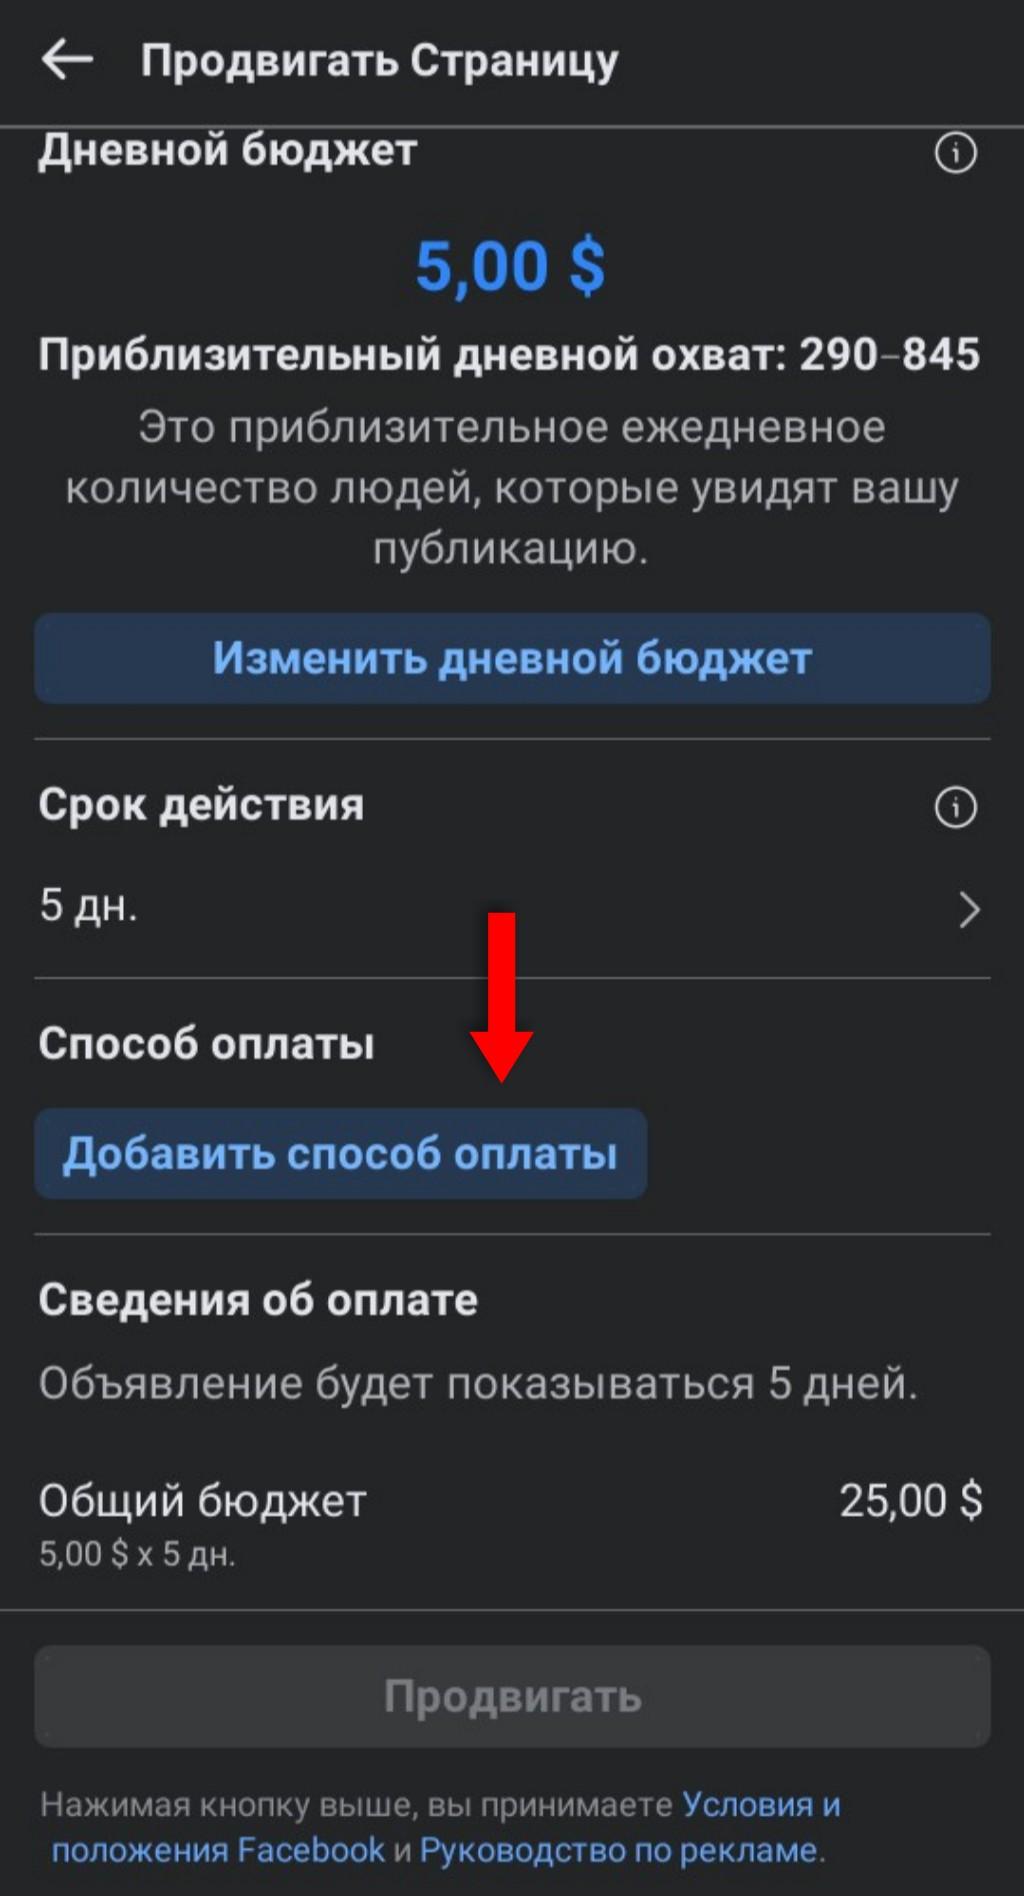 рекламу инстаграм.jpg